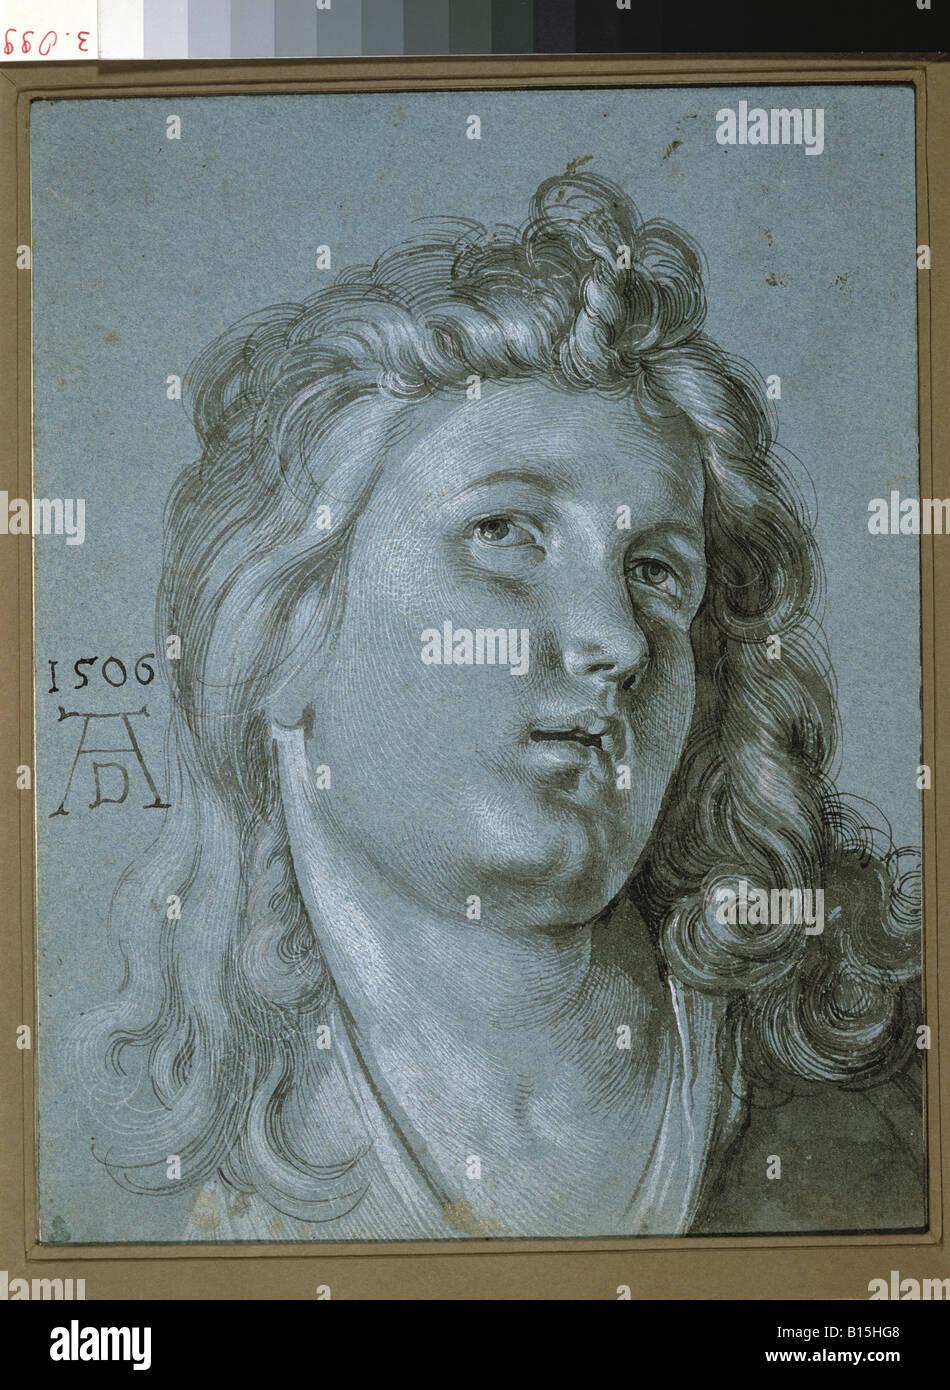 """Bildende Kunst, Dürer, Albrecht (1471-1528), """"Kopf eines Engels"""", Zeichnung, 1506, Artist's Urheberrecht nicht gelöschtStockfoto"""